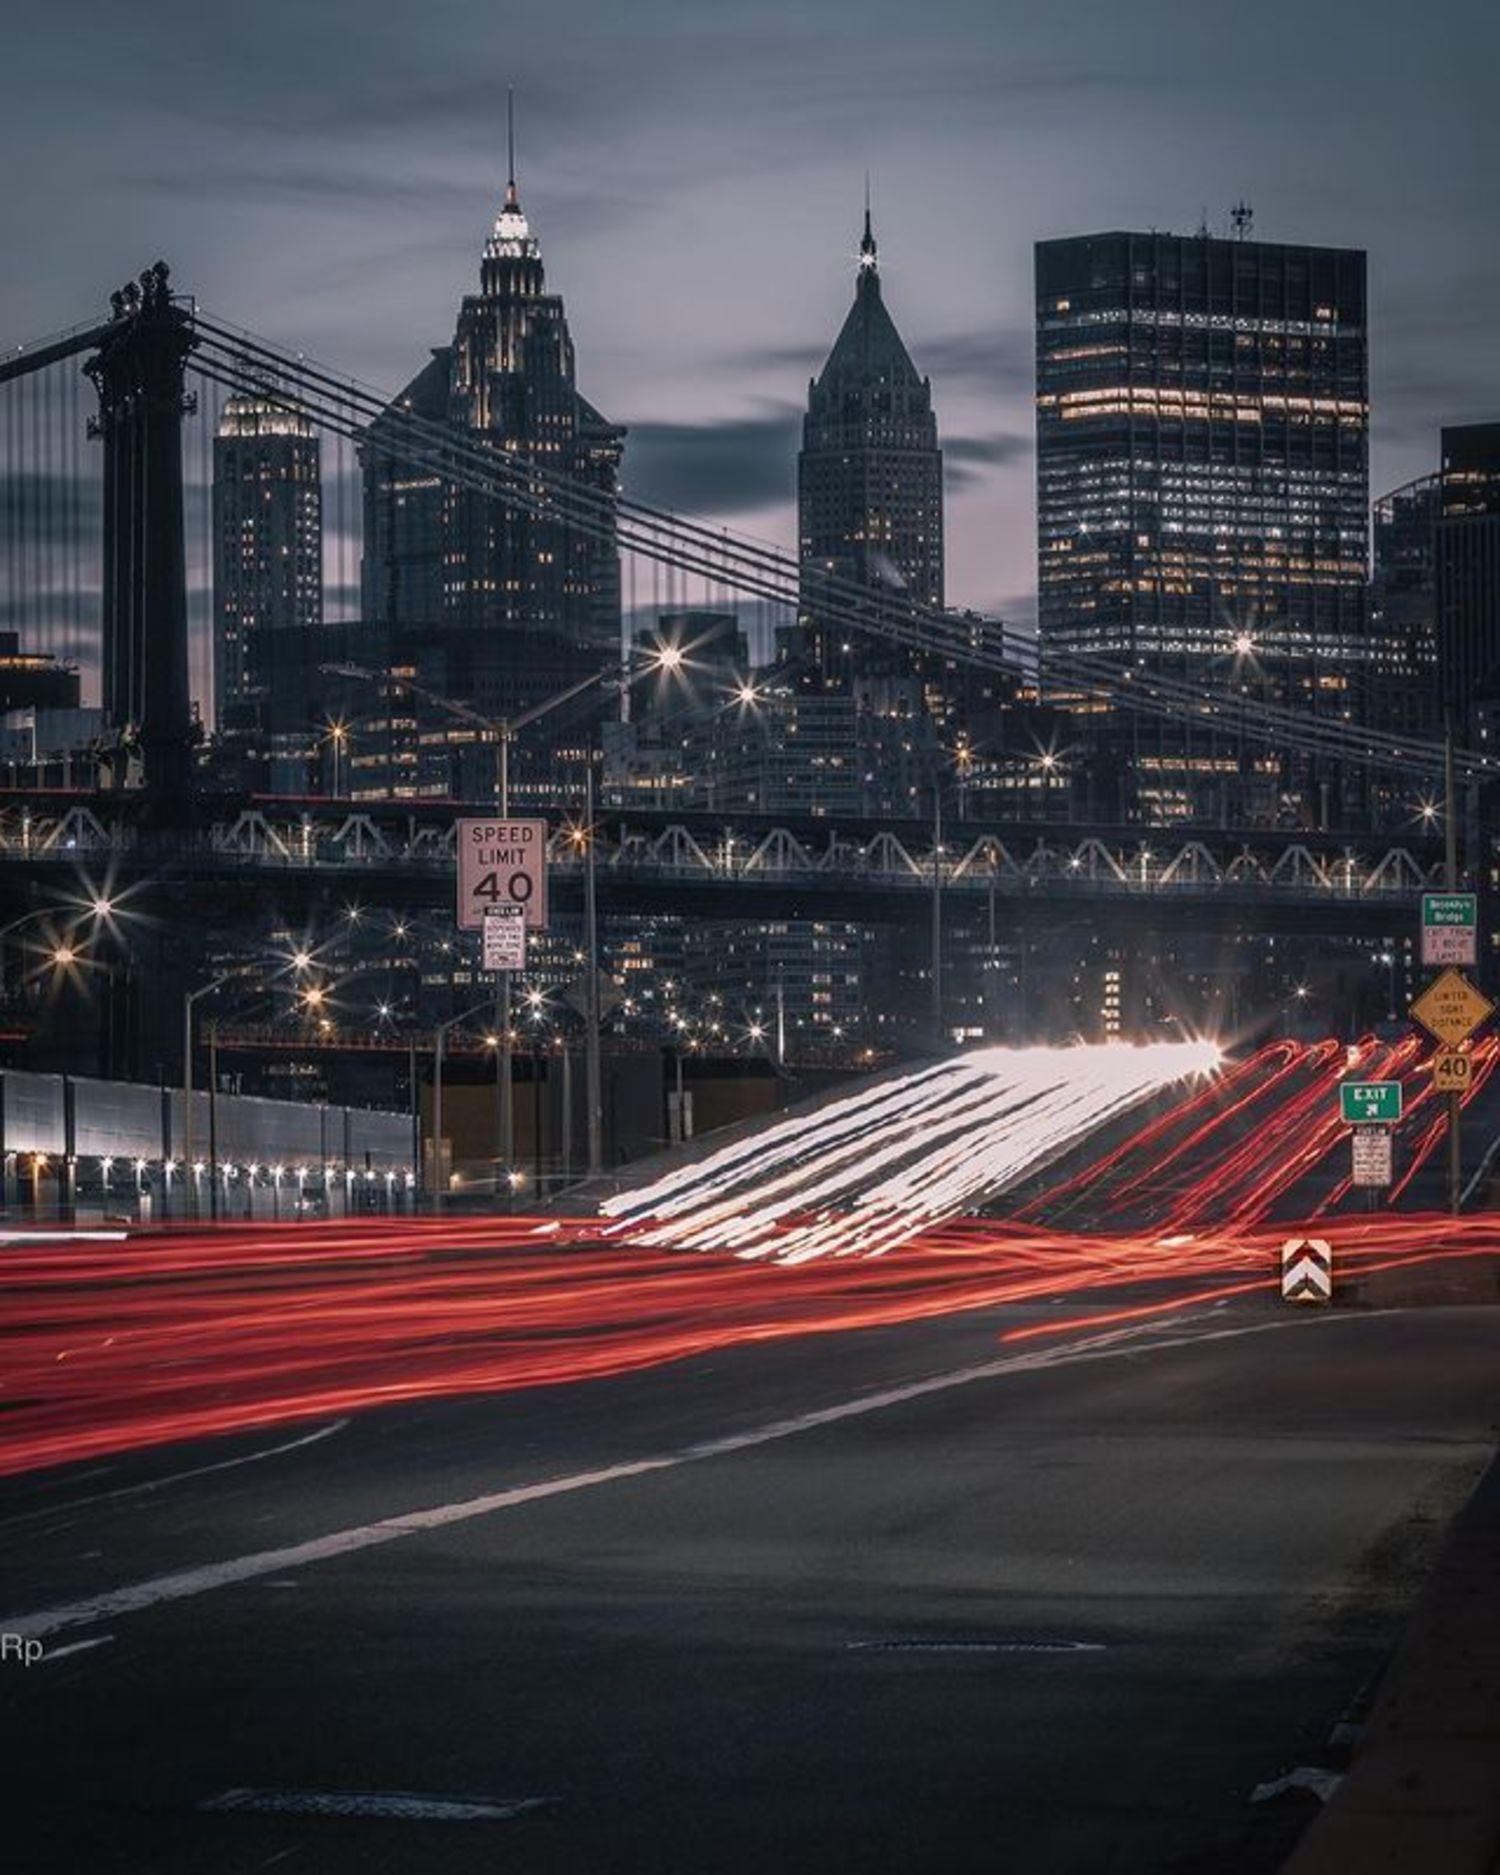 Franklin D. Roosevelt East River Drive, Lower East side, Manhattan